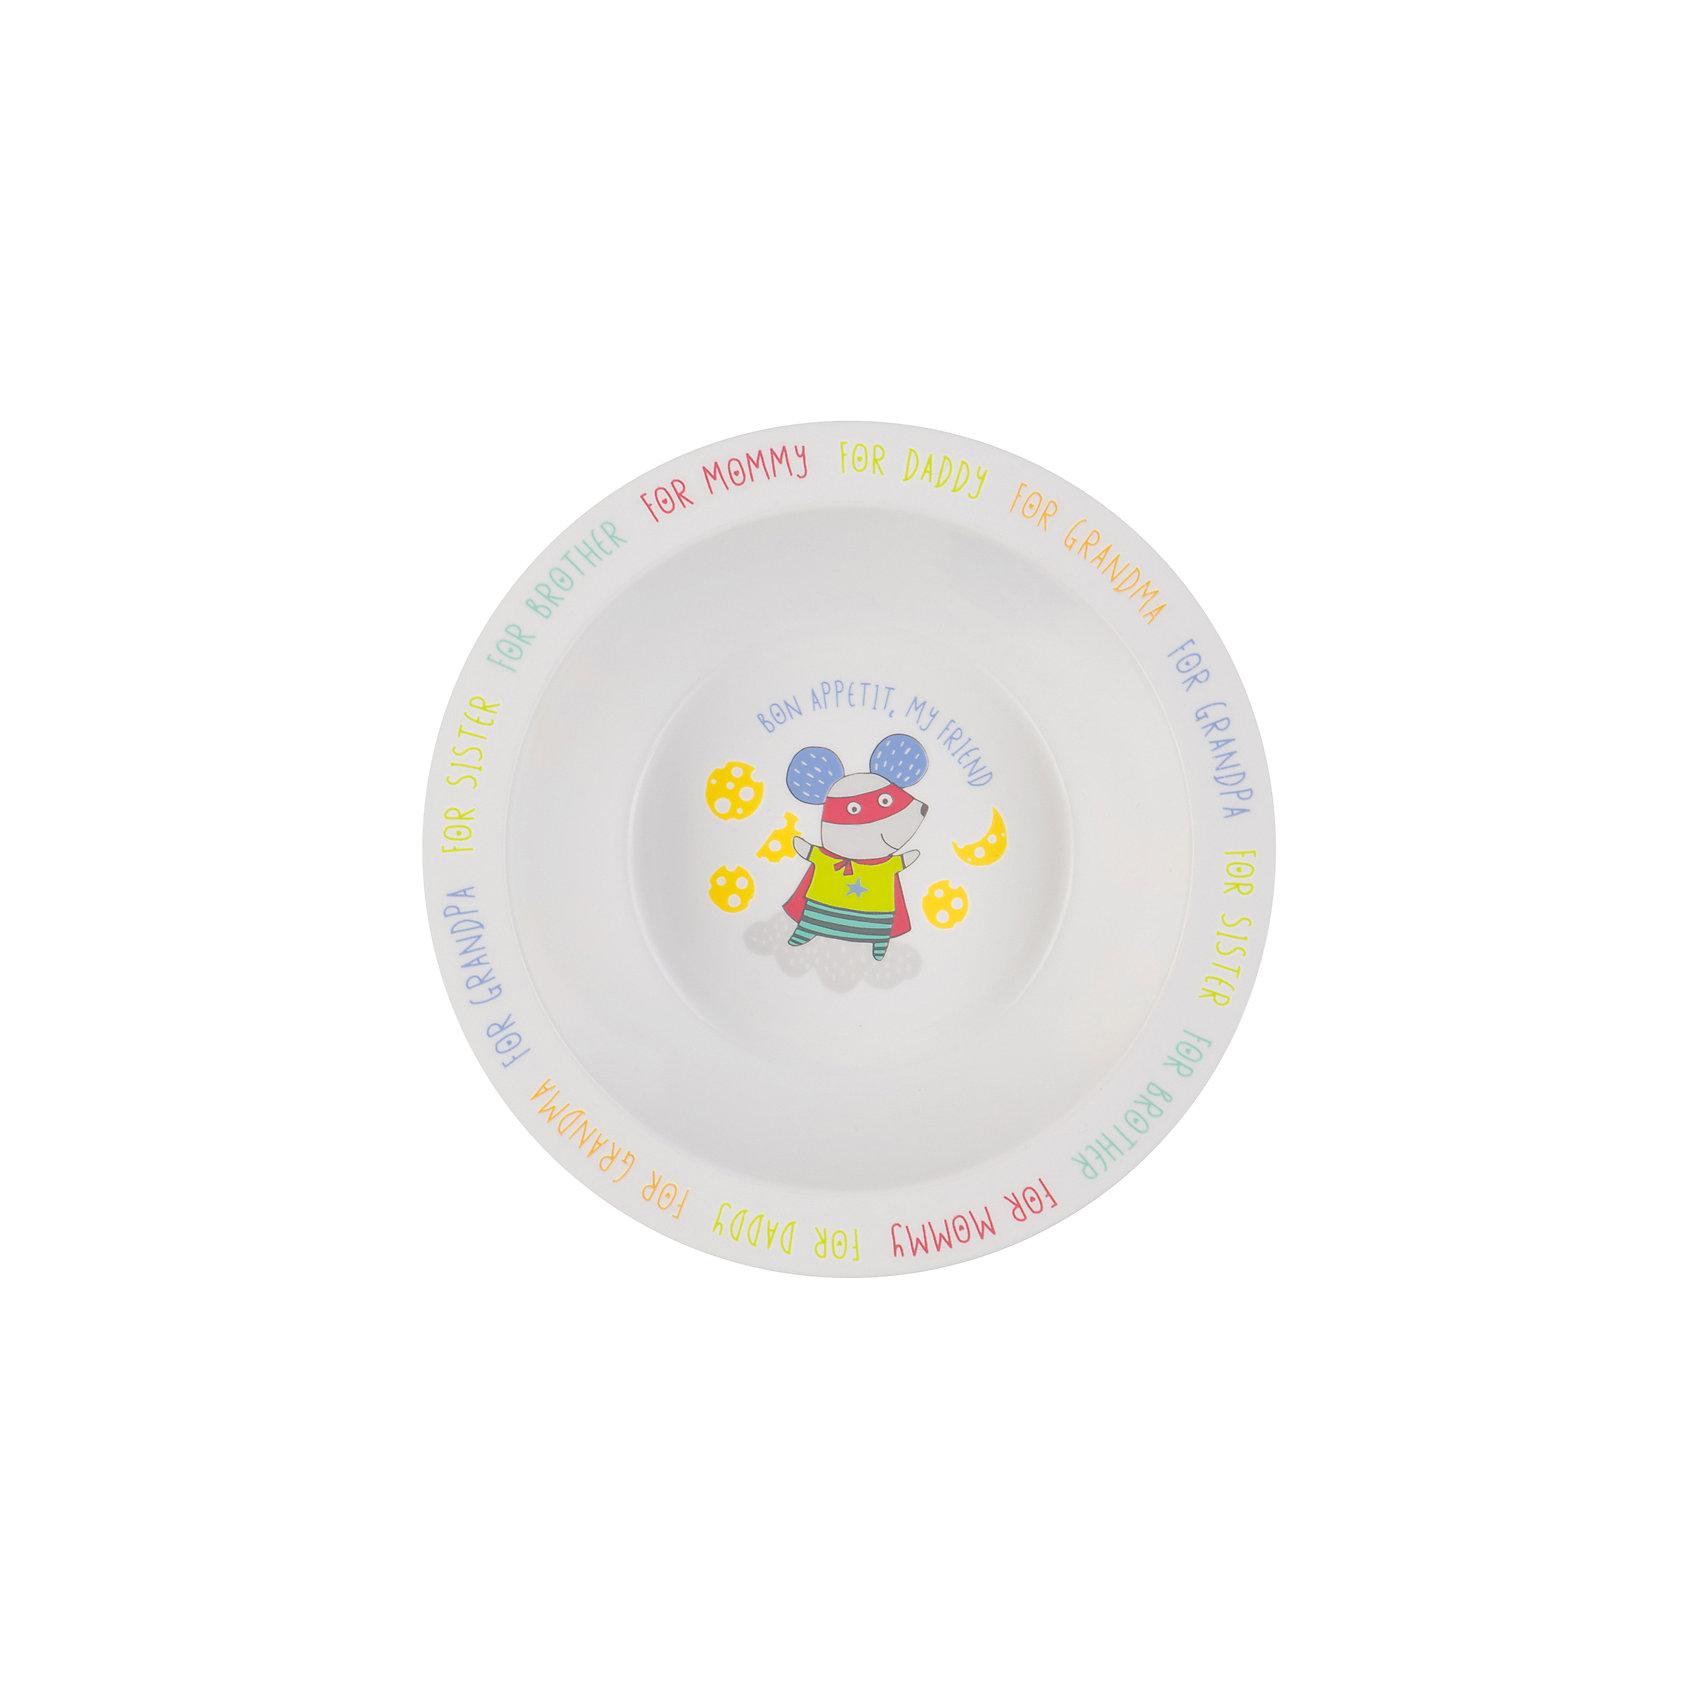 Тарелка глубокая Mouse, Happy BabyГлубокая тарелочка Mouse, Happy Baby прекрасно подойдёт для первого прикорма и самостоятельных приёмов пищи. Качественный и прочный материал не позволит тарелочке разбиться при случайном падении, а широкие края делают её более удобной для использования. Забавный рисунок на дне тарелки поможет маме заинтересовать ребёнка во время кормления. Тарелка глубокая Mouse, Happy Baby помогает малыша есть из посуды для взрослых; не бьется при случайном падении.  Имеет широкие края , глубокая, а забавный рисунок на дне поможет заинтересовать ребенка.<br><br>Дополнительная информация: <br><br>- материал : полипропилен, термопластичный эластомер<br>- дизайн: животные<br>- диаметр: 16,5 см<br>- высота, 6 см<br>- цвет белый, бирюзовый, собака<br>- размеры, 165 * 60 * 60 мм<br>- размер упаковки (ДхШхВ), 22 * 15 * 6  см<br>- вес в упаковке, 85 г<br><br>Тарелку глубокую Mouse, Happy Baby можно купить в нашем интернет-магазине.<br><br>Ширина мм: 50<br>Глубина мм: 165<br>Высота мм: 210<br>Вес г: 58<br>Возраст от месяцев: 6<br>Возраст до месяцев: 18<br>Пол: Унисекс<br>Возраст: Детский<br>SKU: 4696836